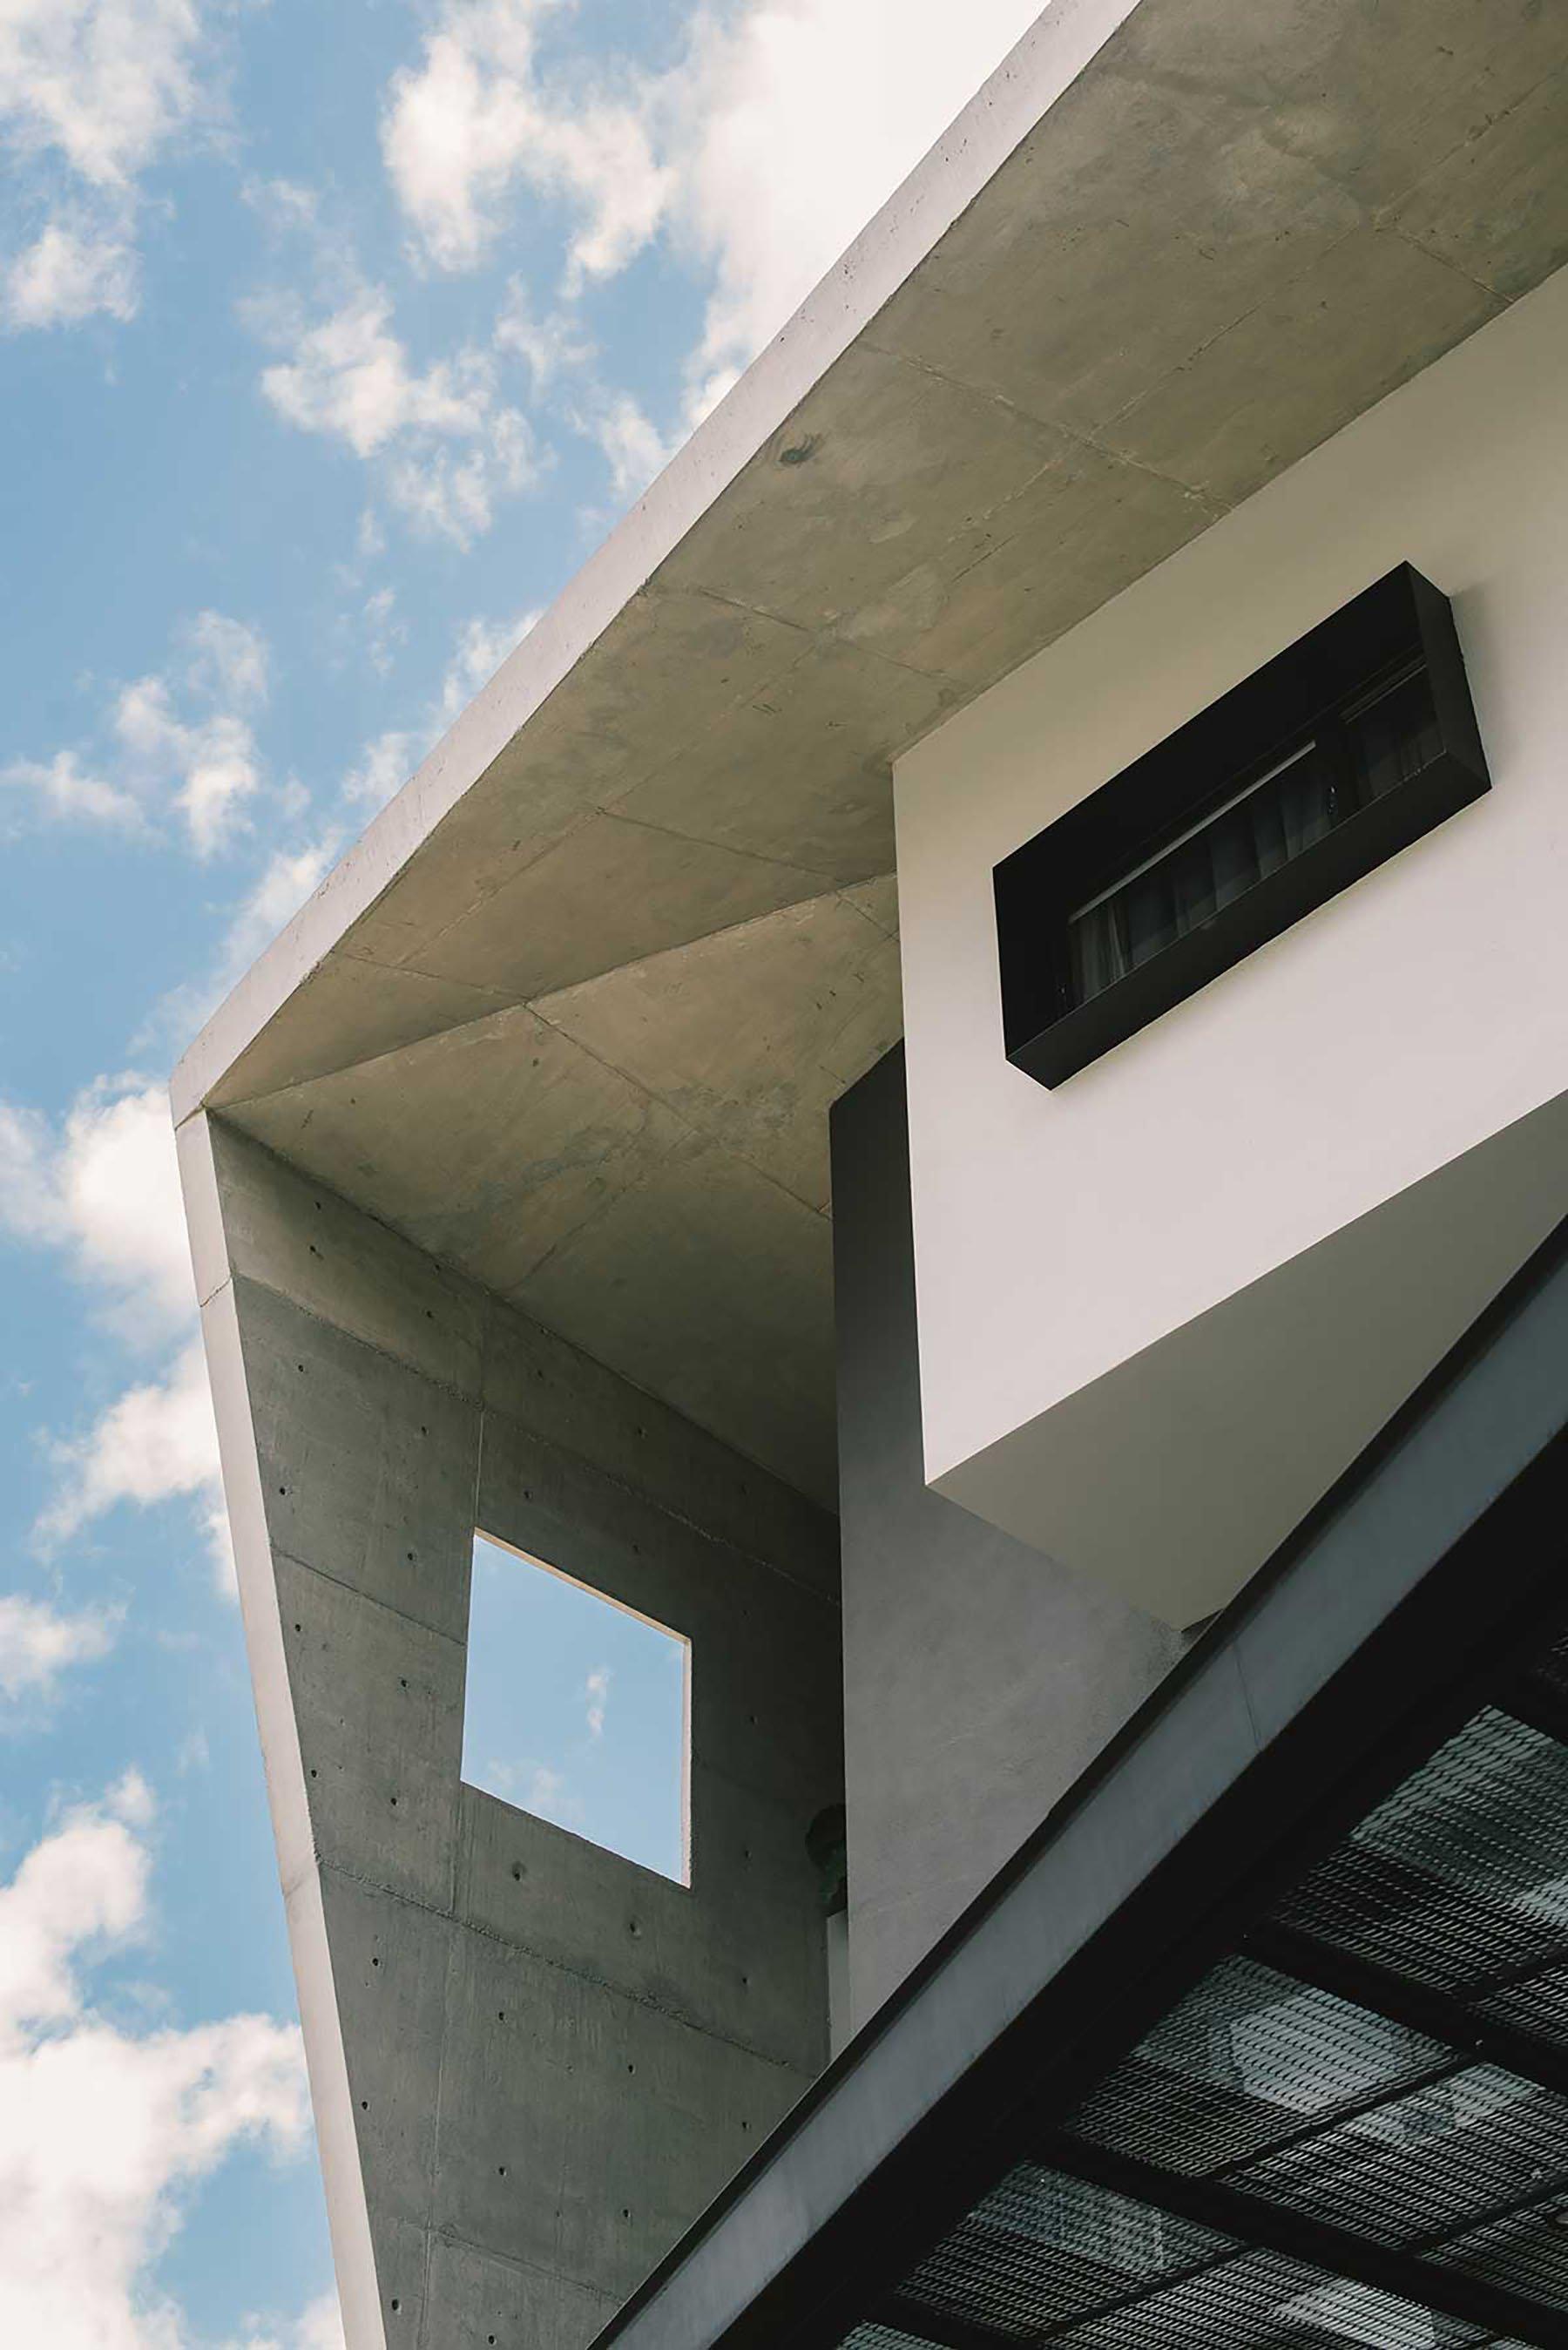 iGNANT-Architecture-Formzero-Window-House-07